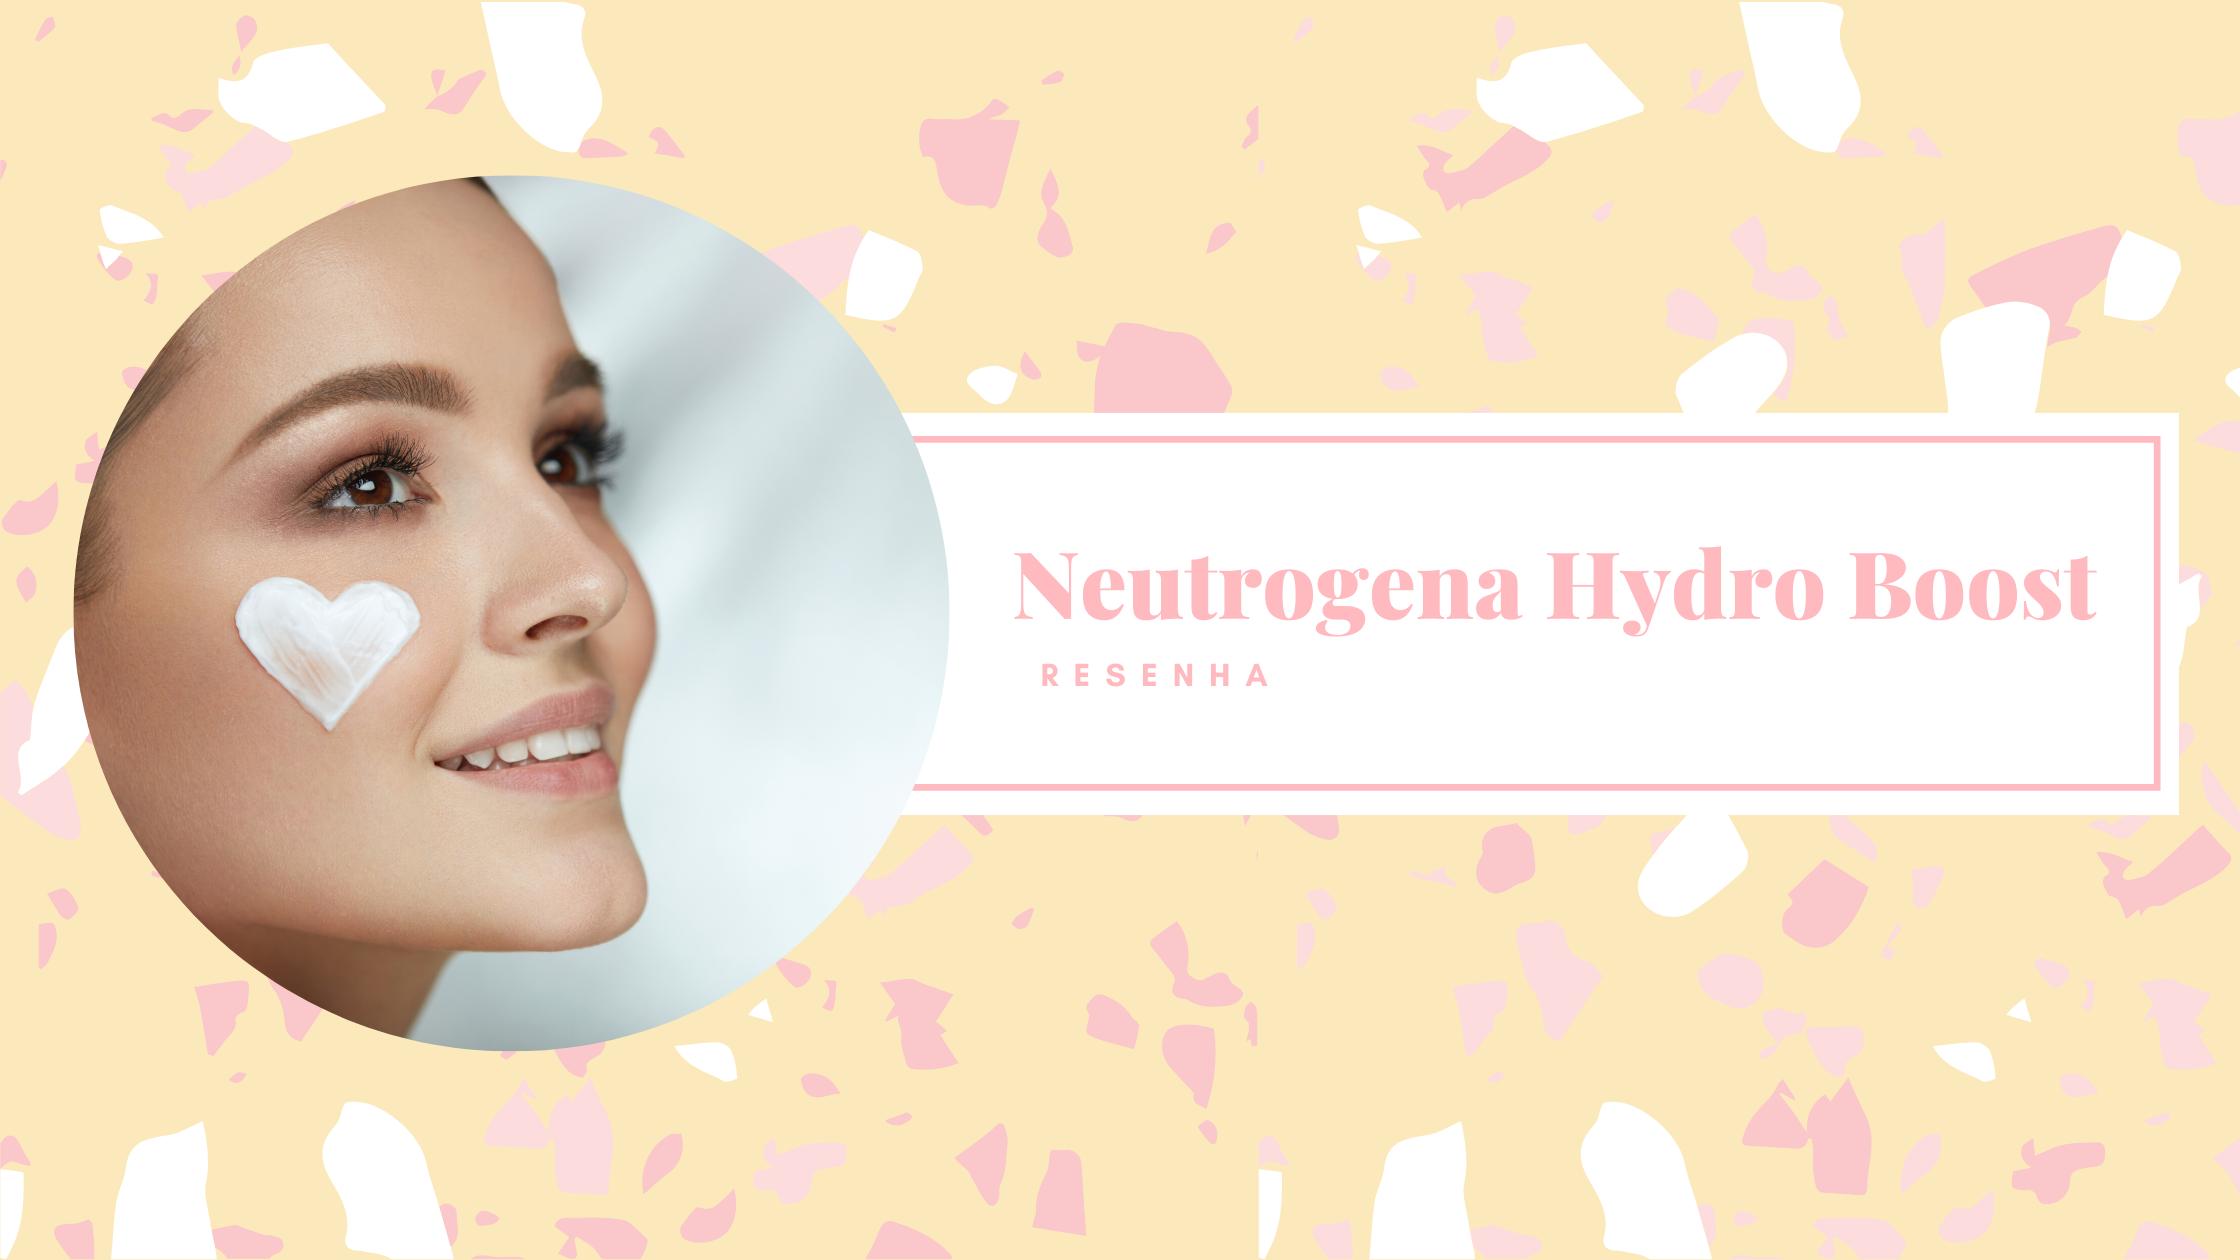 """Mulher com creme no rosto, no formato de coração, com o texto ao lado: """"Neutrogena Hydro Boost Resenha"""""""